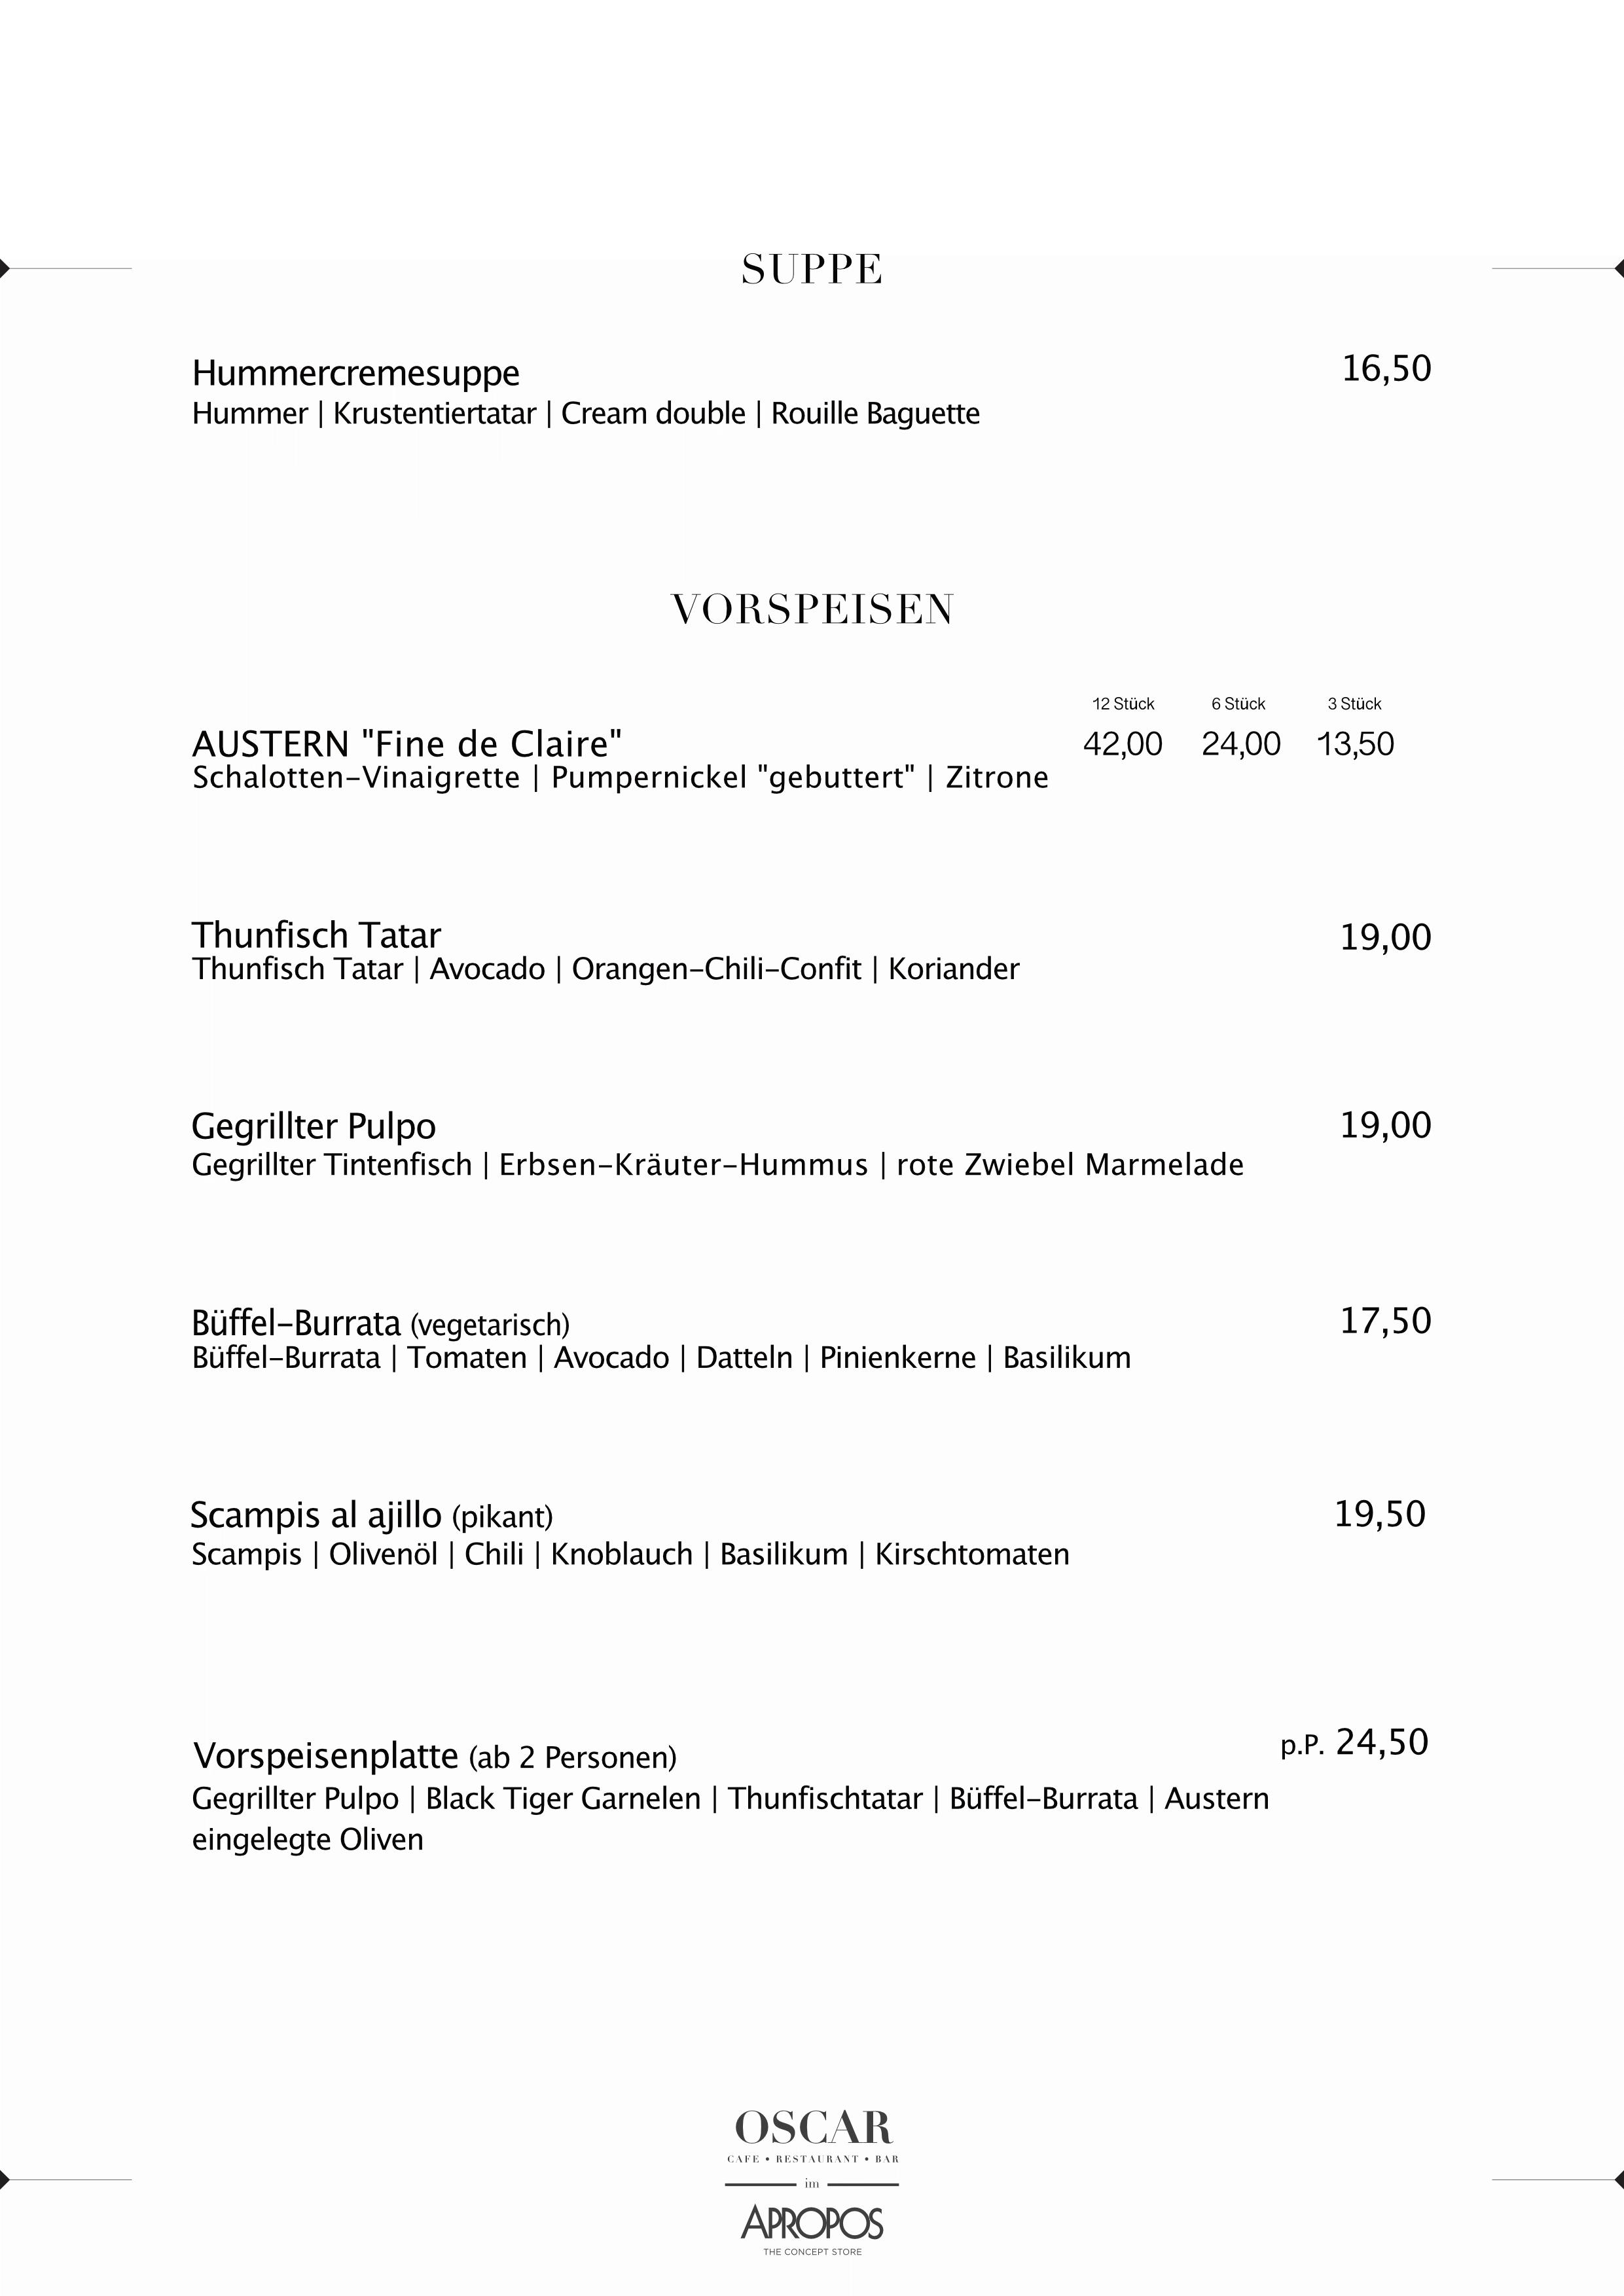 1-speisekarte-feb-20-koln